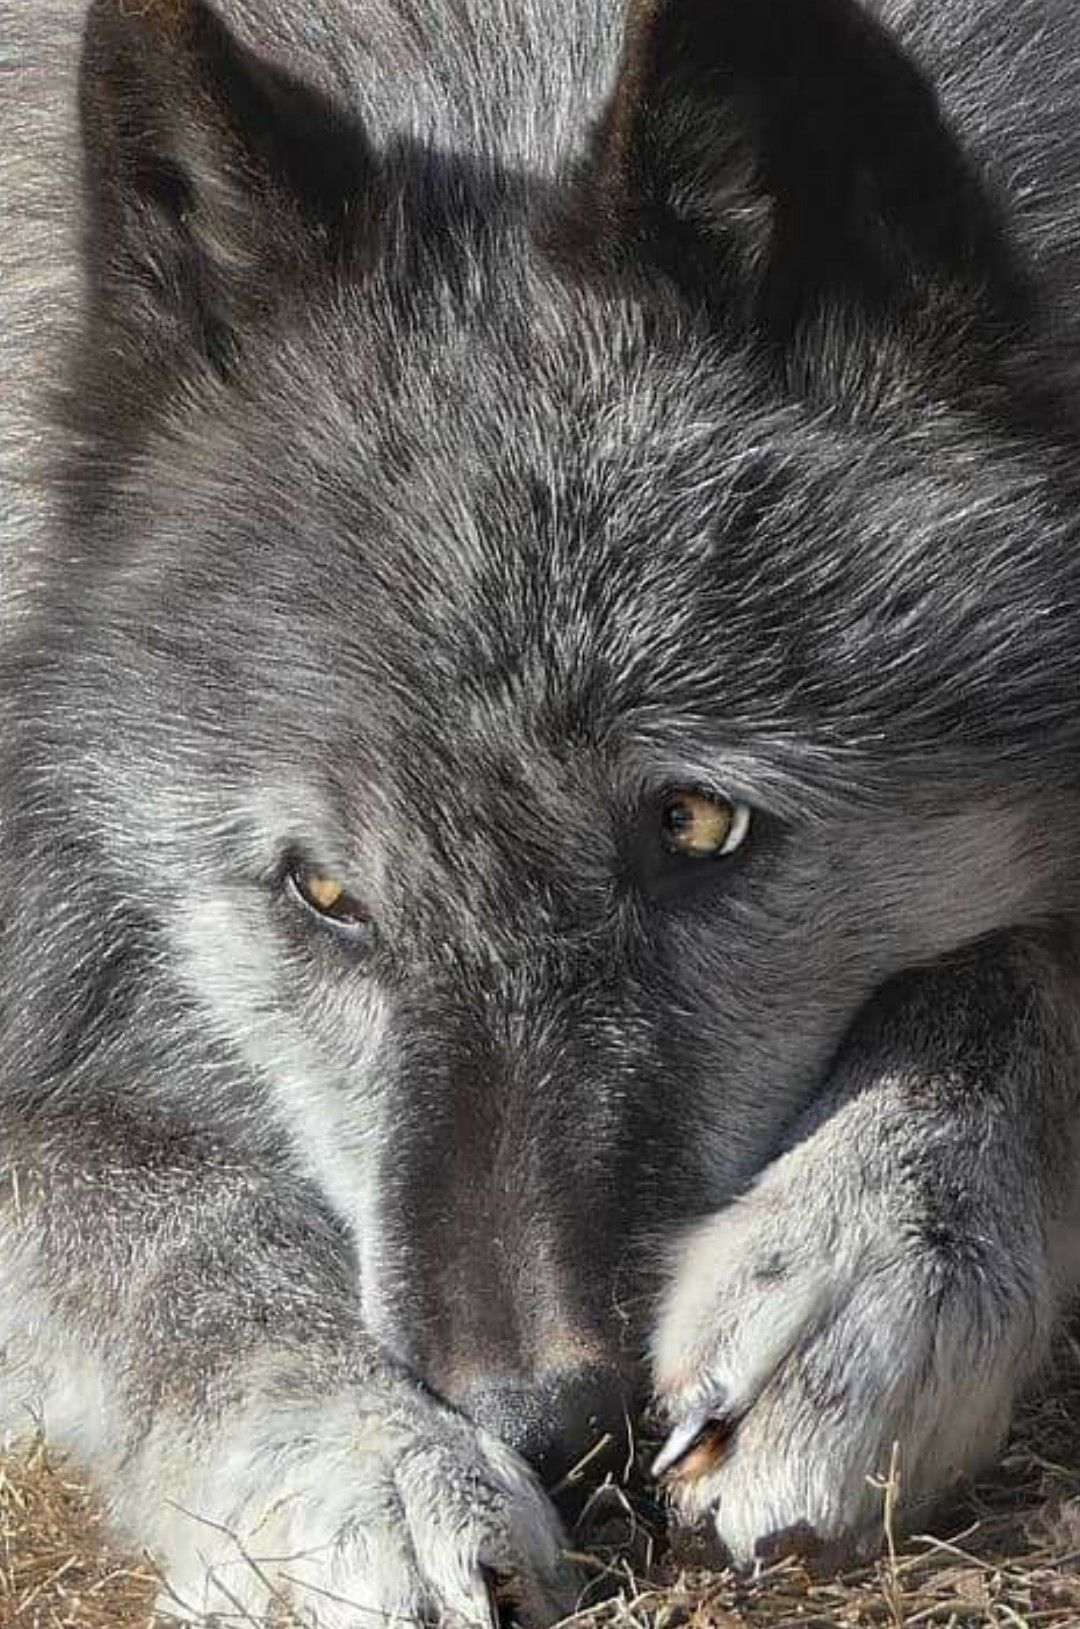 предоставляет фото плач волка фотографии после